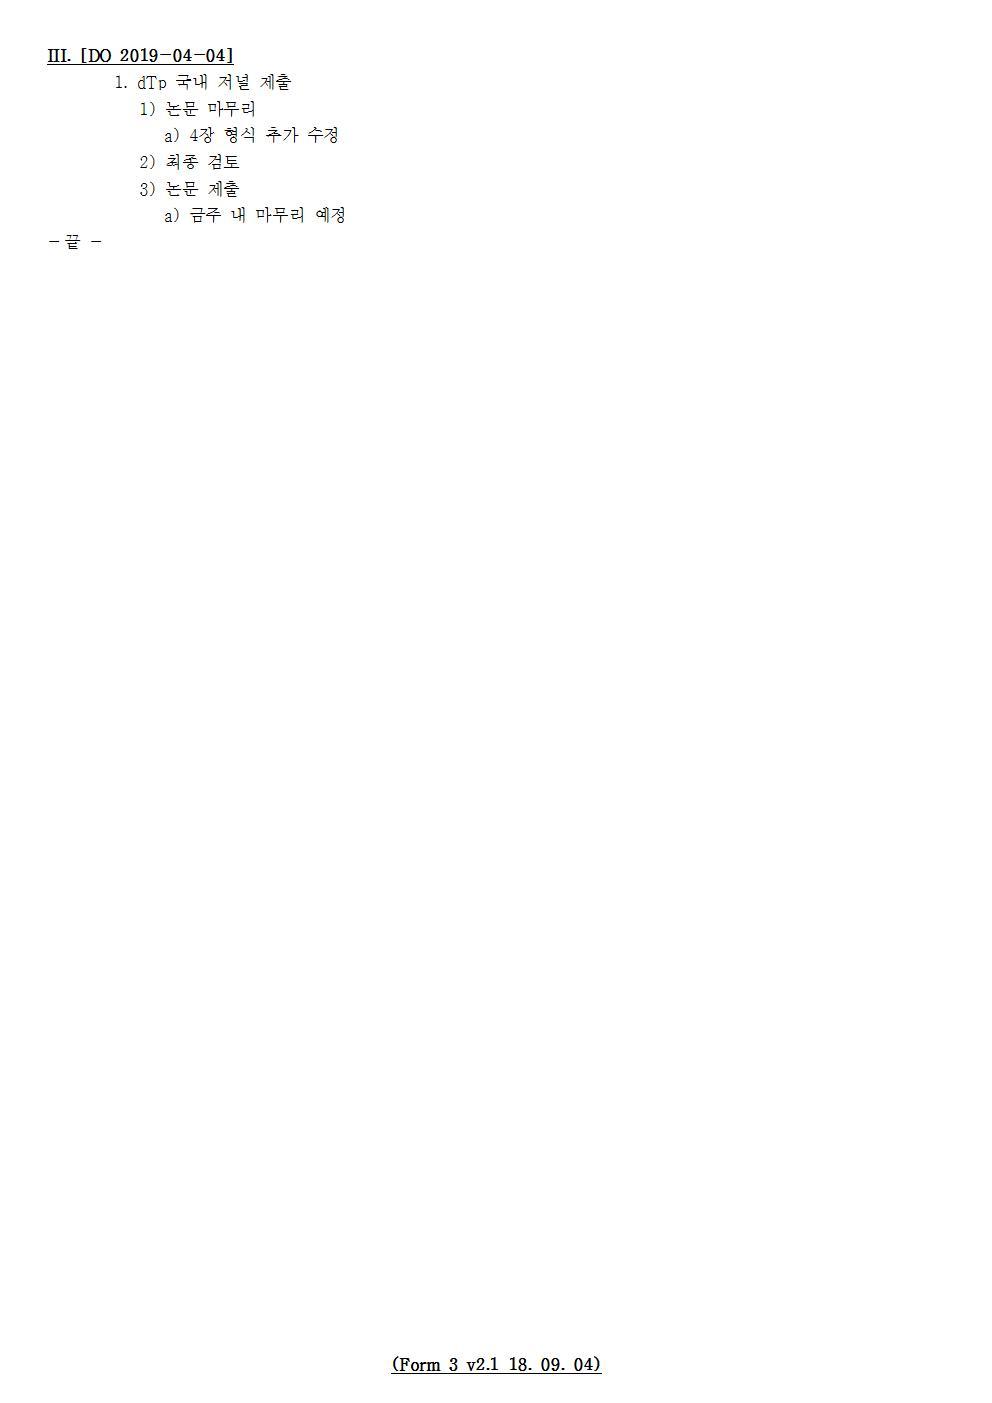 D-[19-012-PP-04]-[dTp-국내]-[2019-04-04][JS]002.jpg